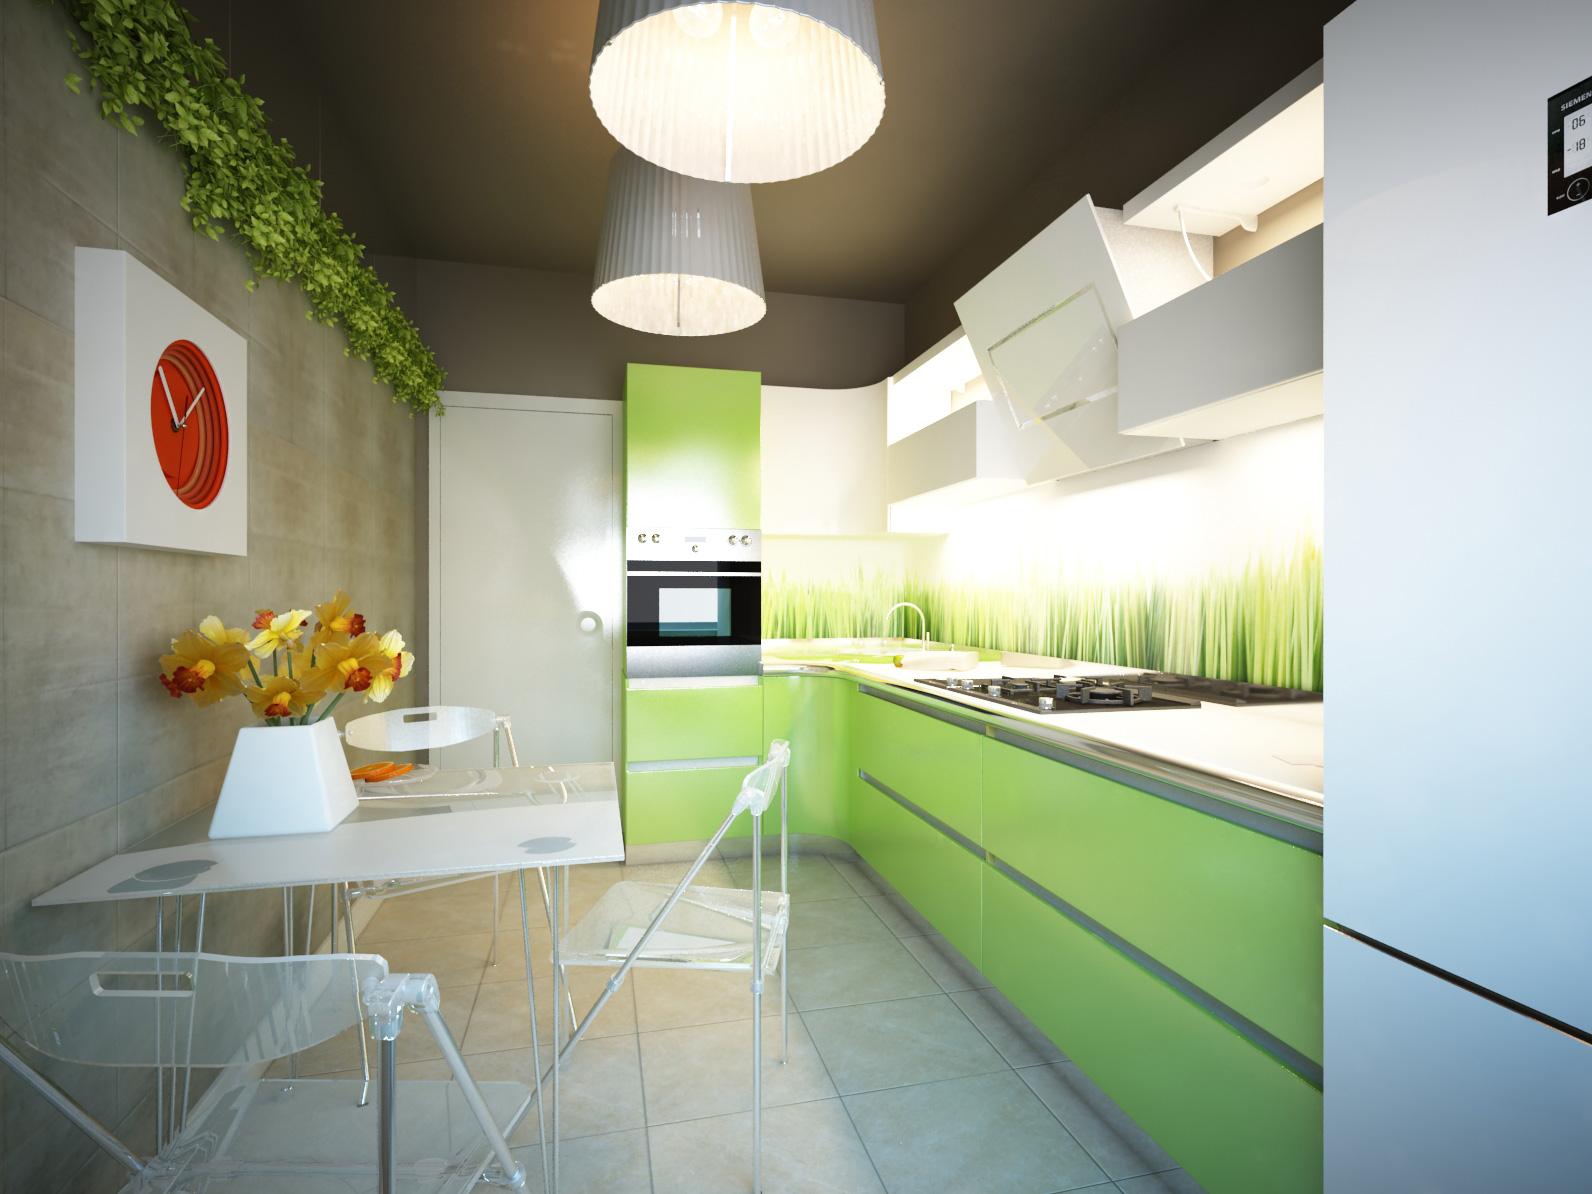 Использование стеклянной мебели в эко-кухне